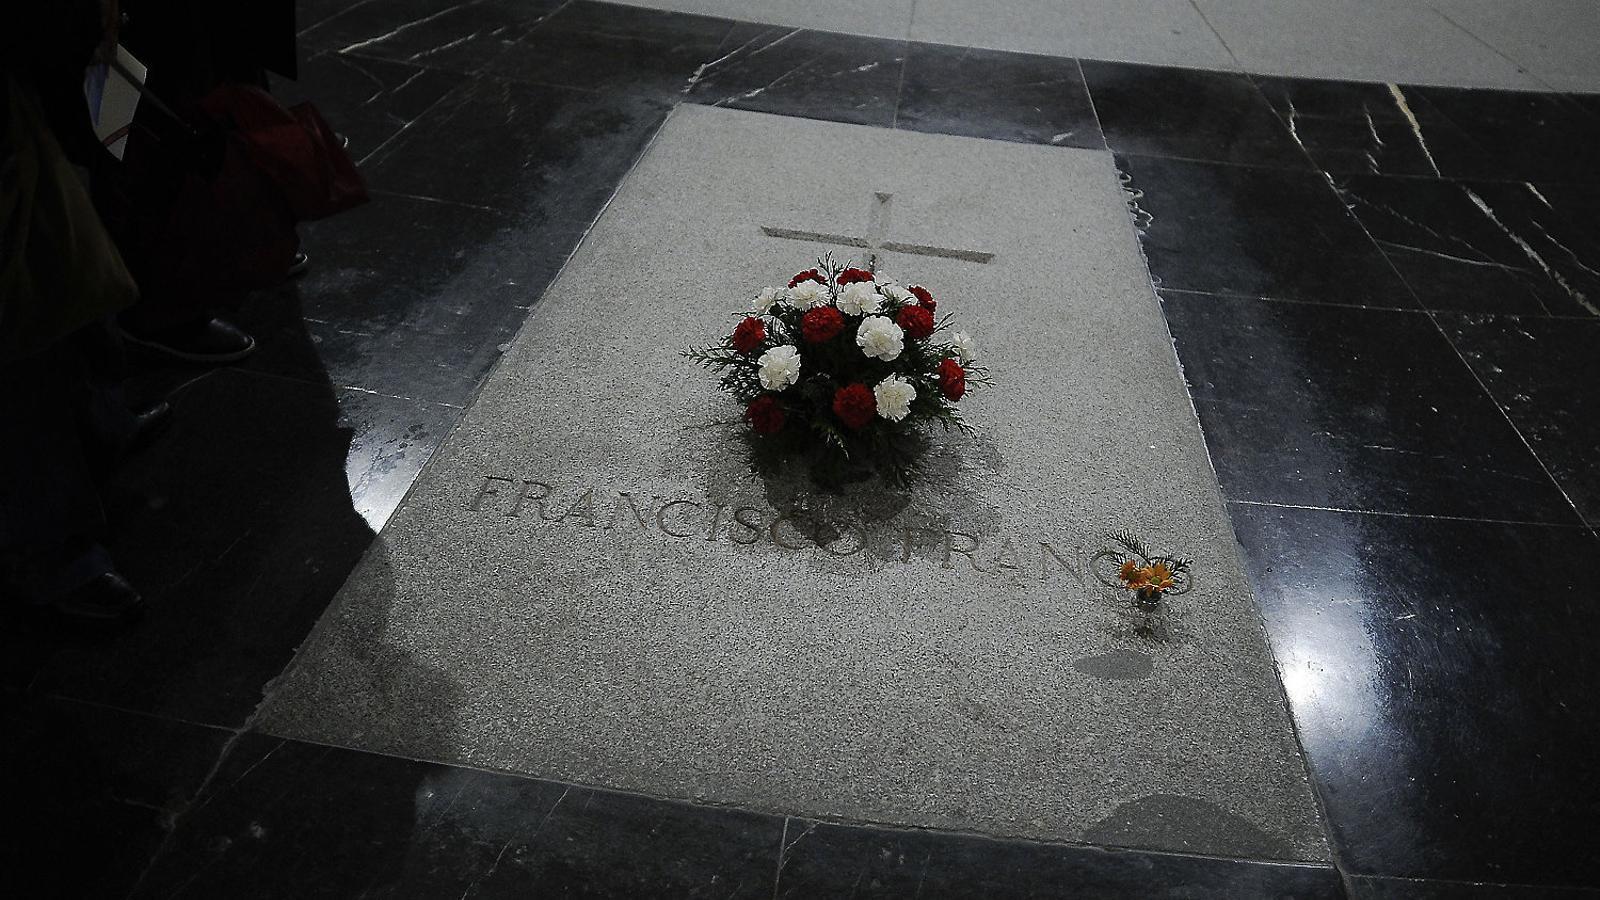 Els nets de Franco han presentat al·legacions davant del ministeri de Justícia contra l'exhumació del dictador.